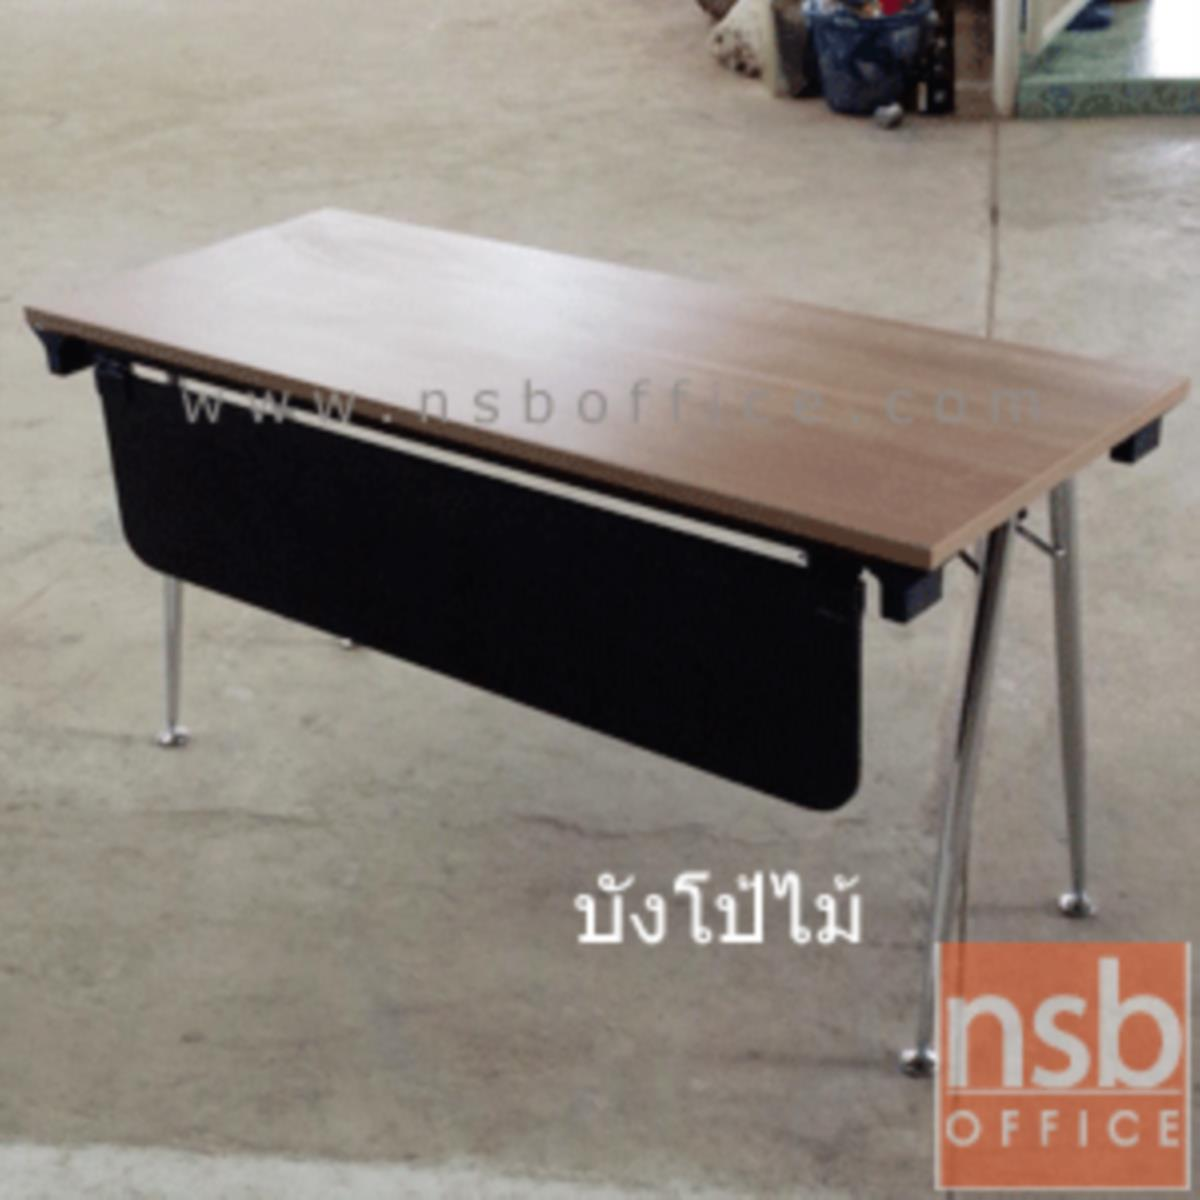 A07A051:โต๊ะประชุมพับเก็บได้ รุ่น Barbour (บาร์เบอร์) ขนาด 150W ,180W cm.  พร้อมบังตาไม้ ขาเหล็กวีคว่ำ